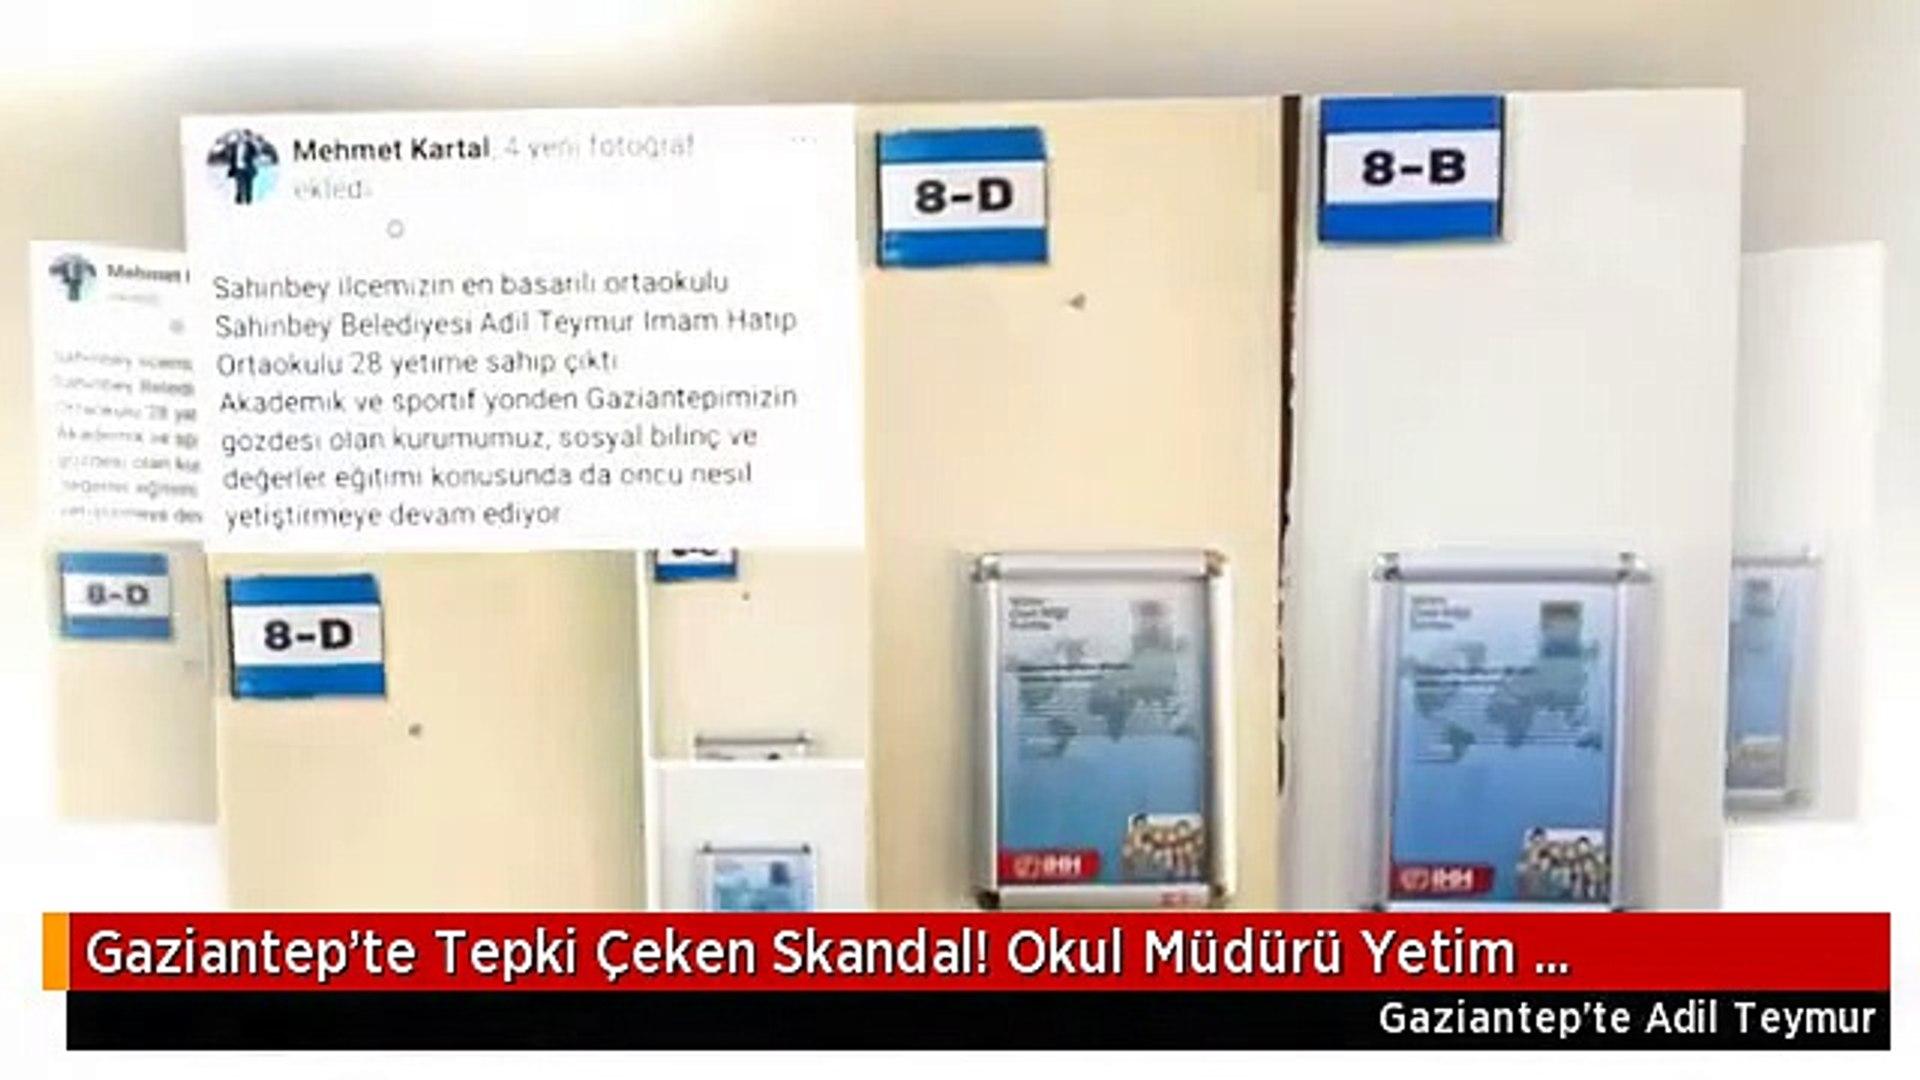 Gaziantep'te Tepki Çeken Skandal! Okul Müdürü Yetim Çocukları Böyle İfşa Etti